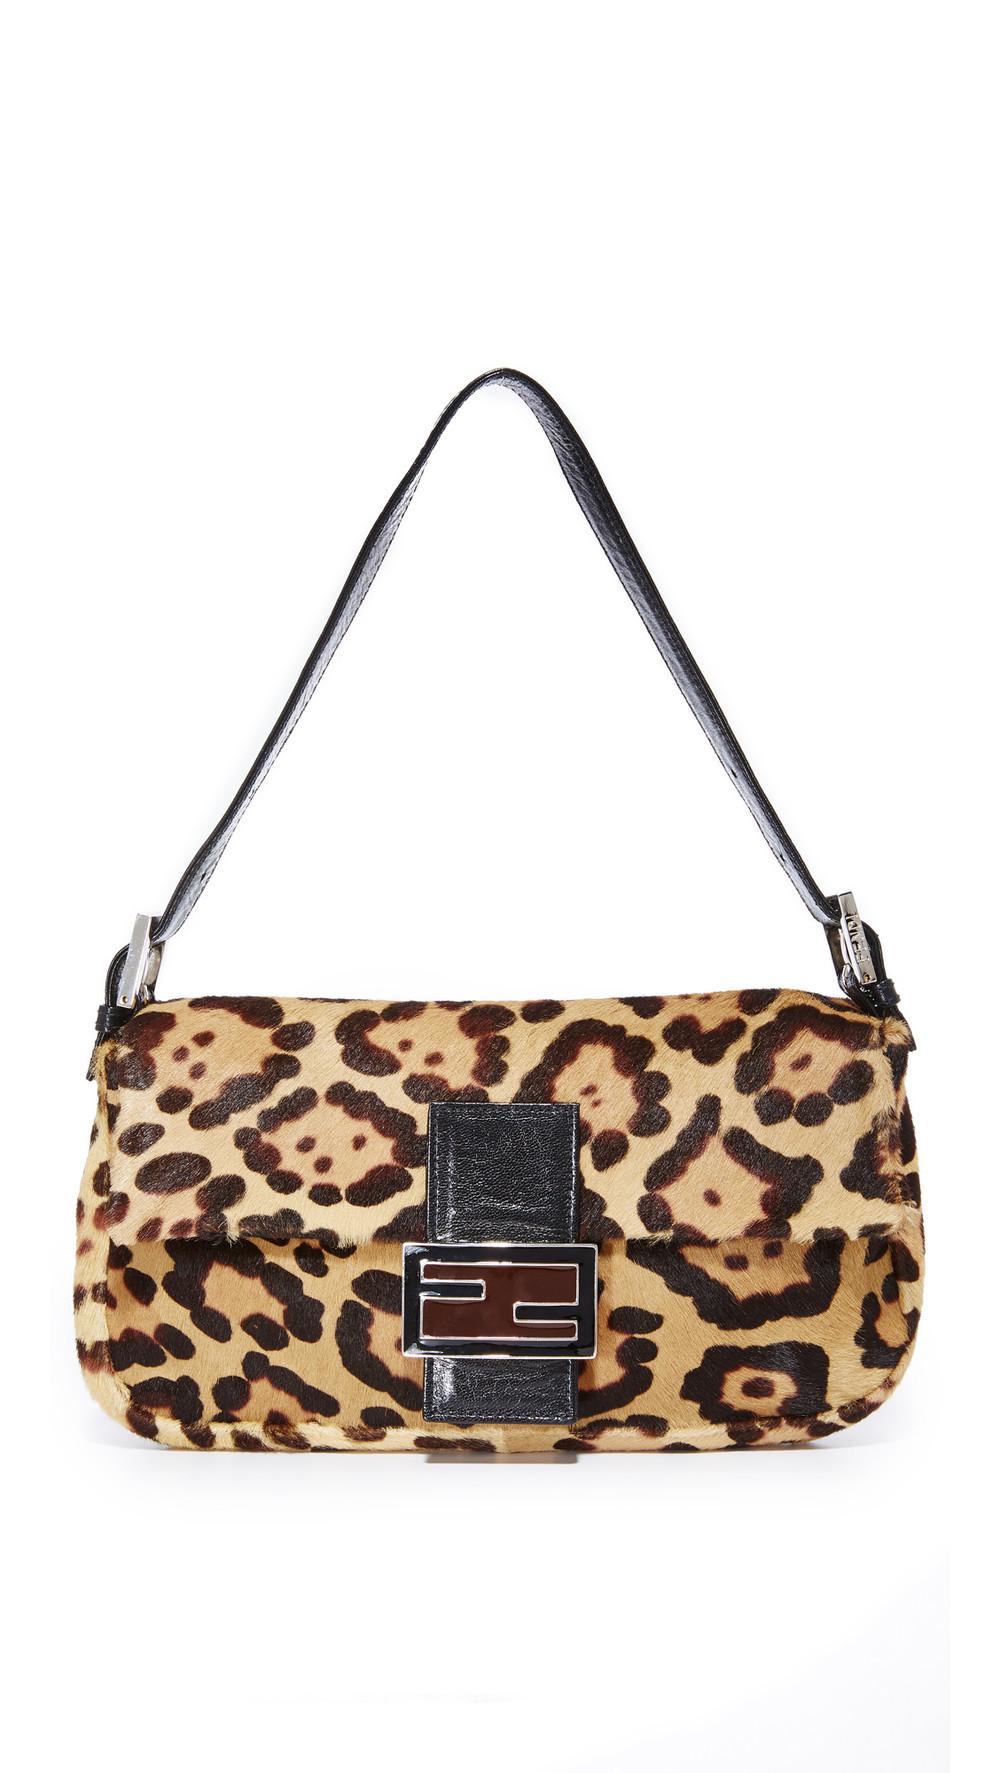 Распродажа: женские сумки со скидкой от 200 руб в интернет